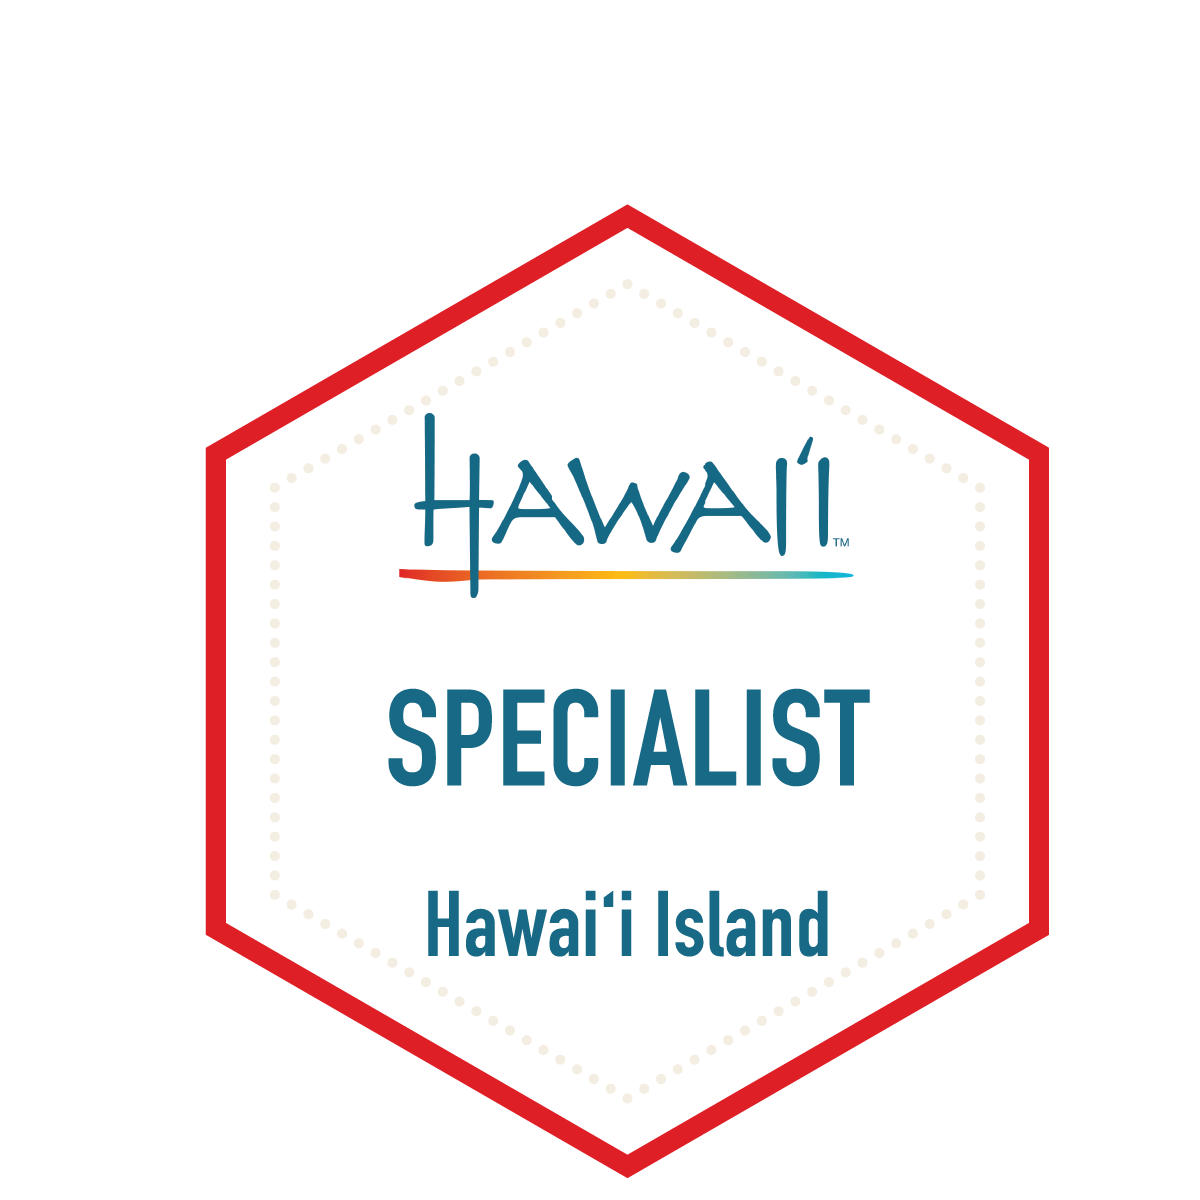 Hawaii Island Specialist